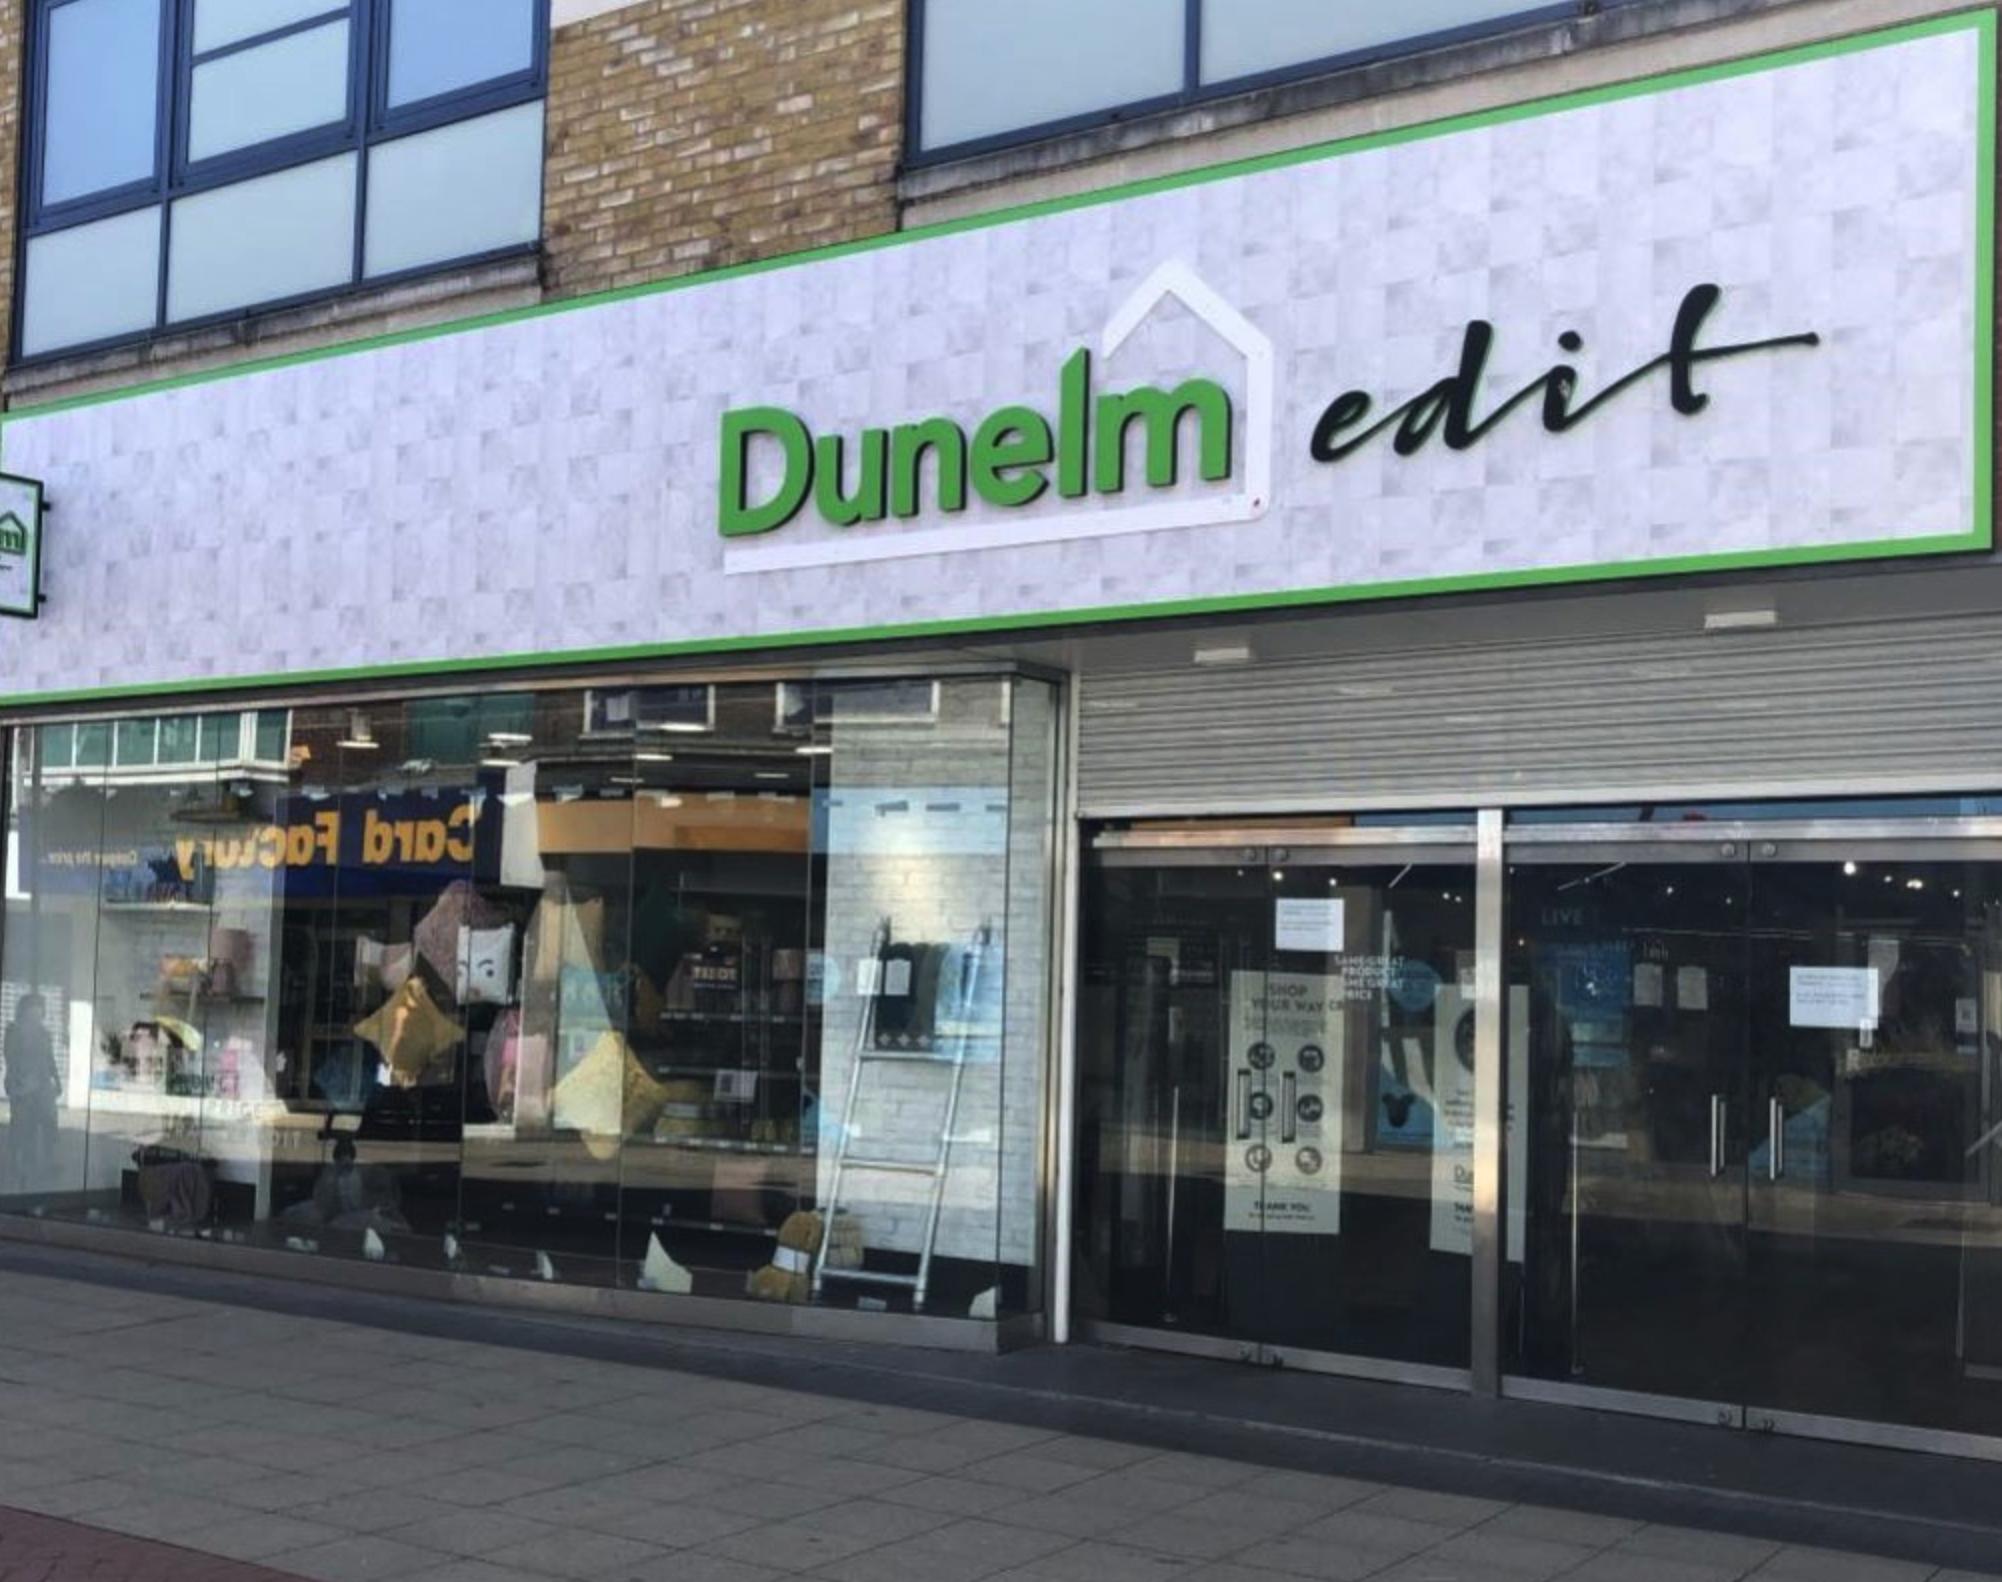 Dunelm opens new format high street store